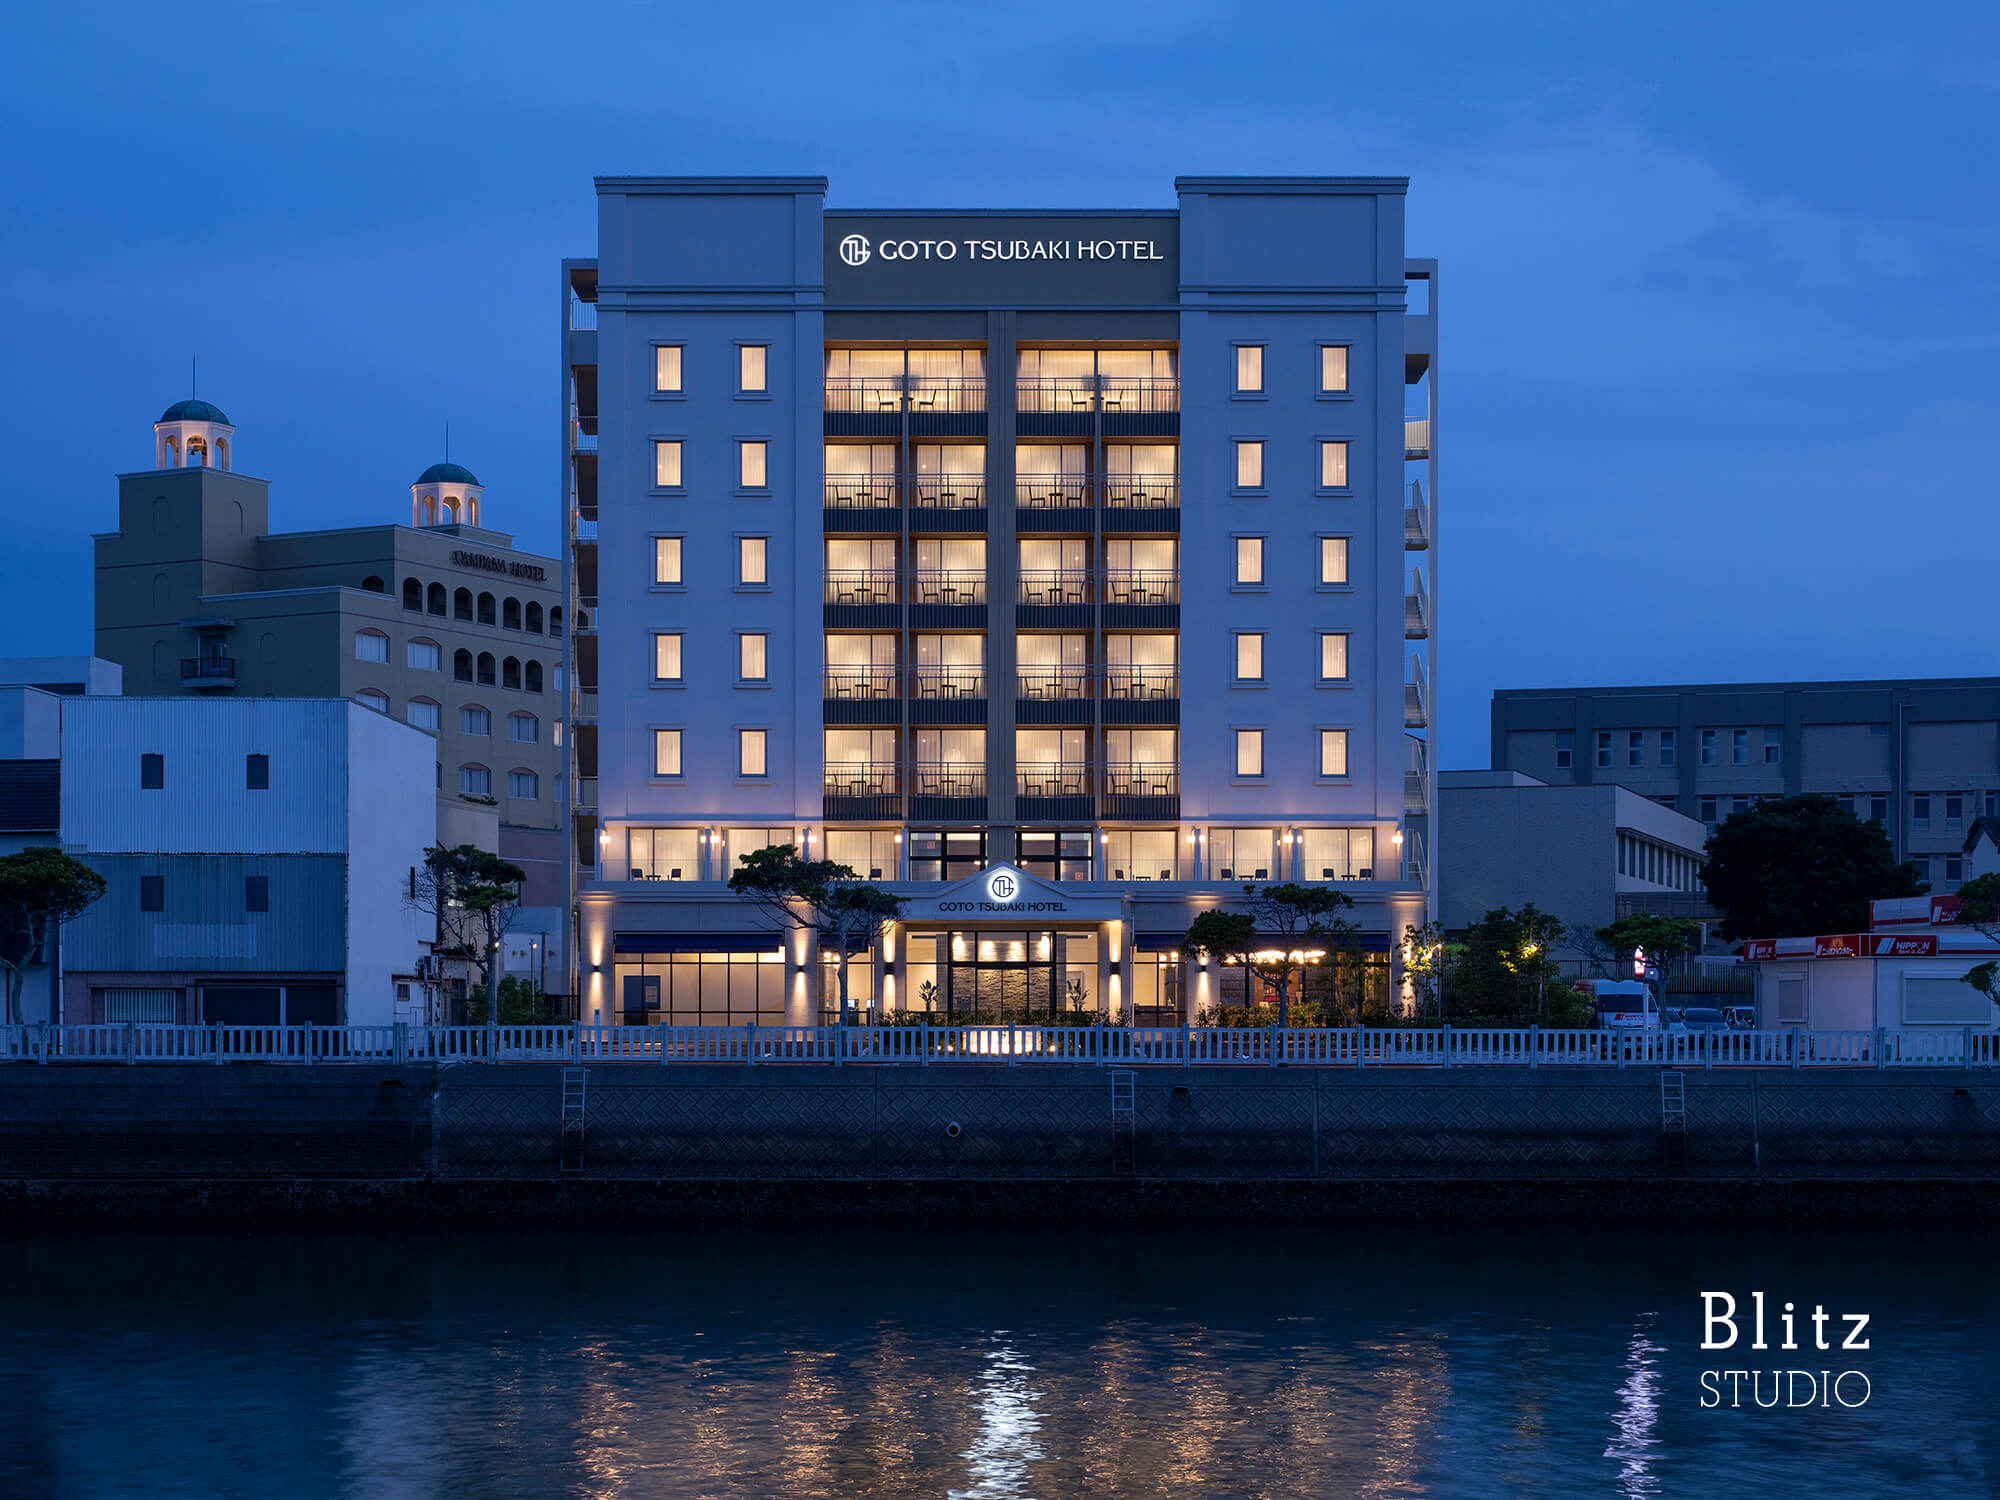 『GOTO TSUBAKI HOTEL』-長崎県五島市-建築写真・竣工写真・インテリア写真3